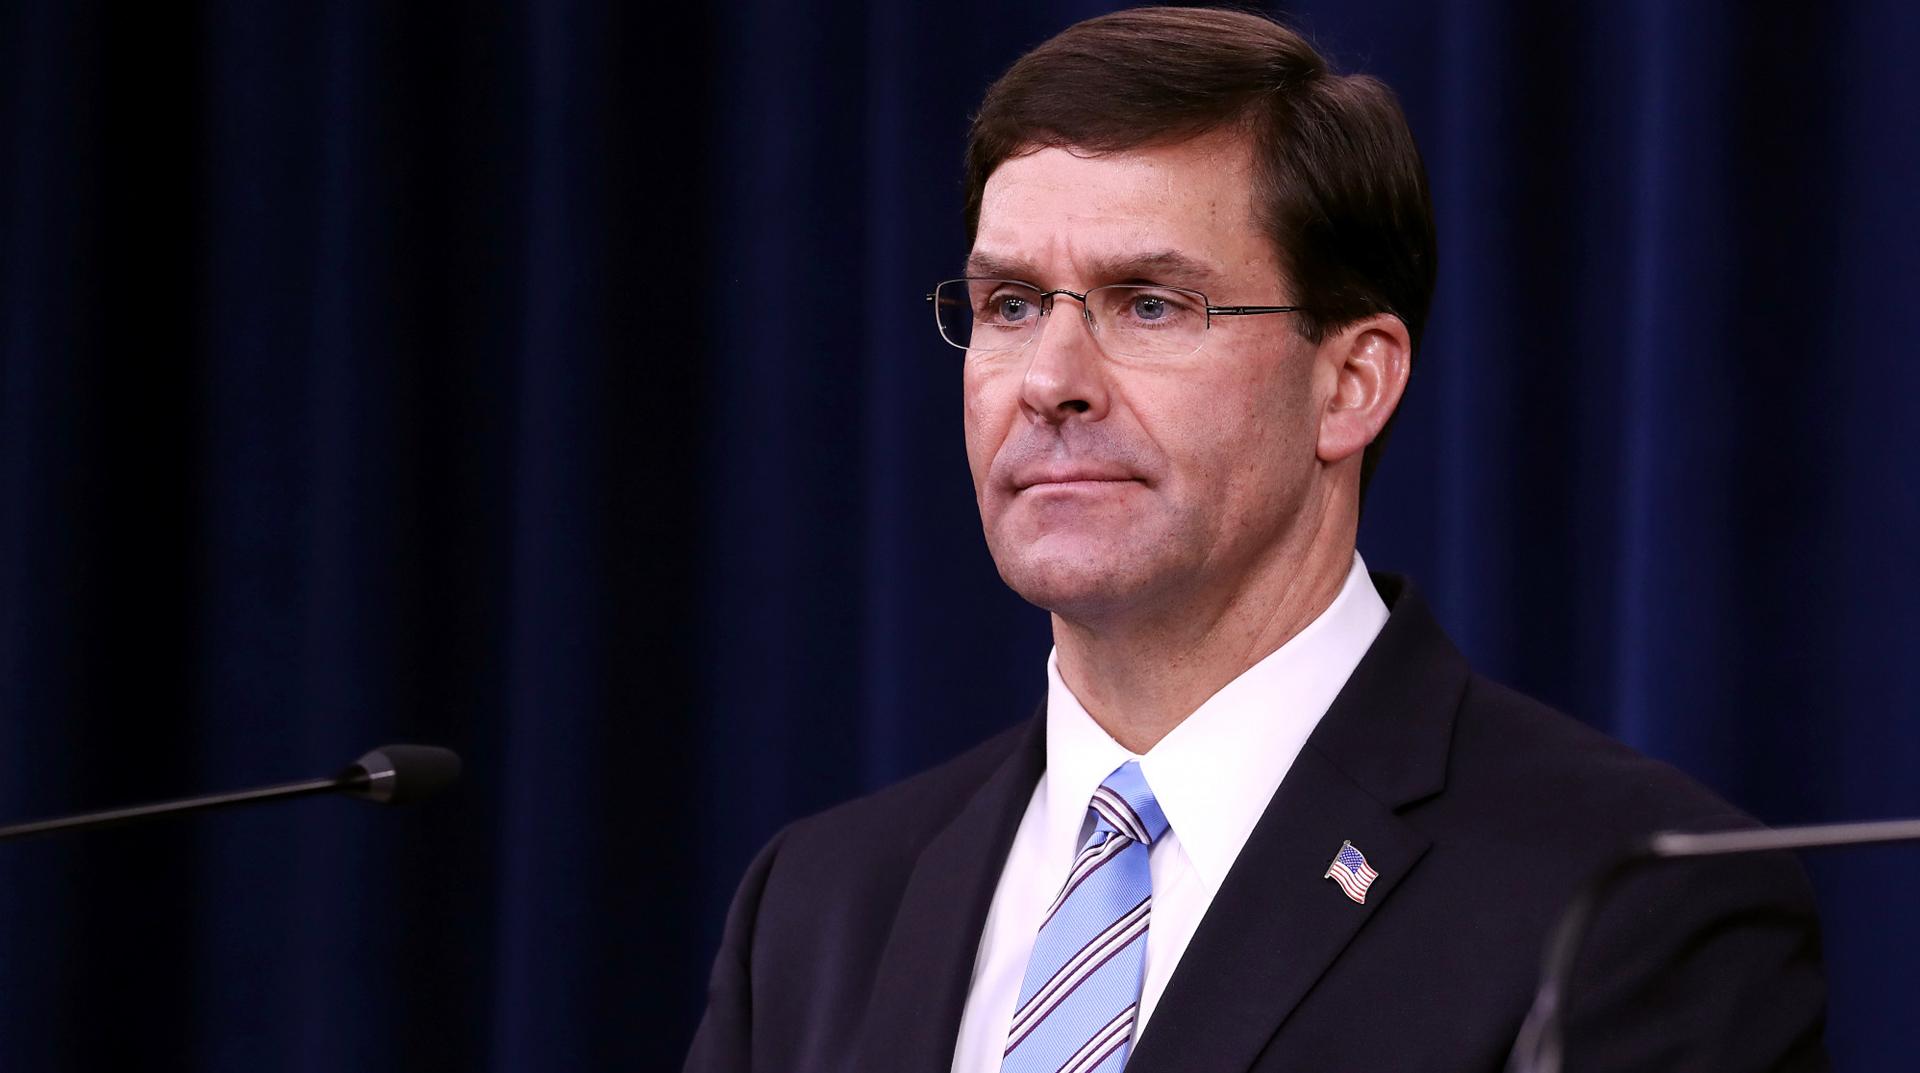 ABD Savunma Bakanı Esper: Kasım sonuna kadar Afganistan'daki asker sayımızı 5 binin altına düşüreceğiz